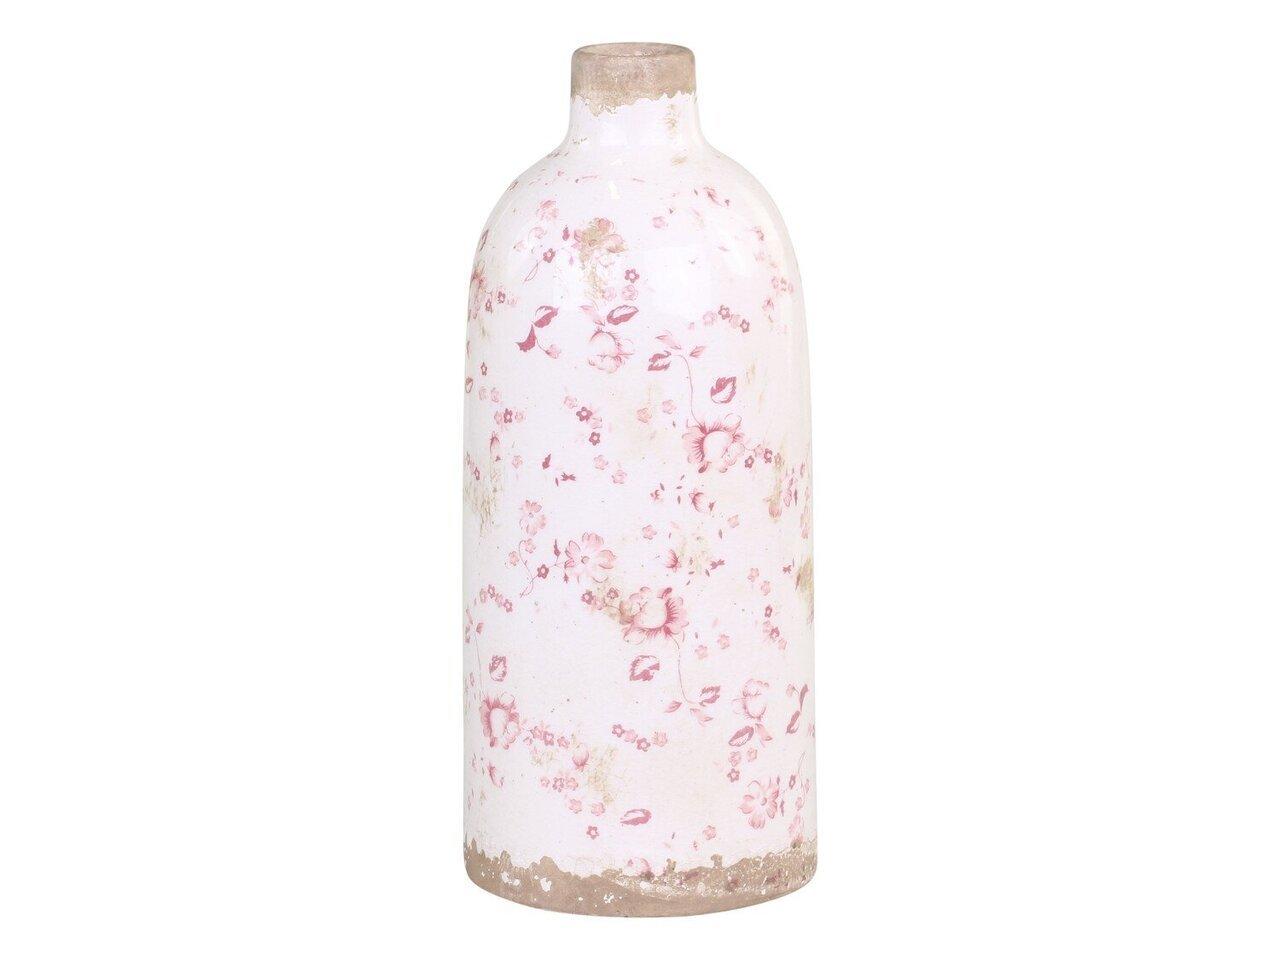 Chic Antique Cannes Vase mit Blumenmotiv